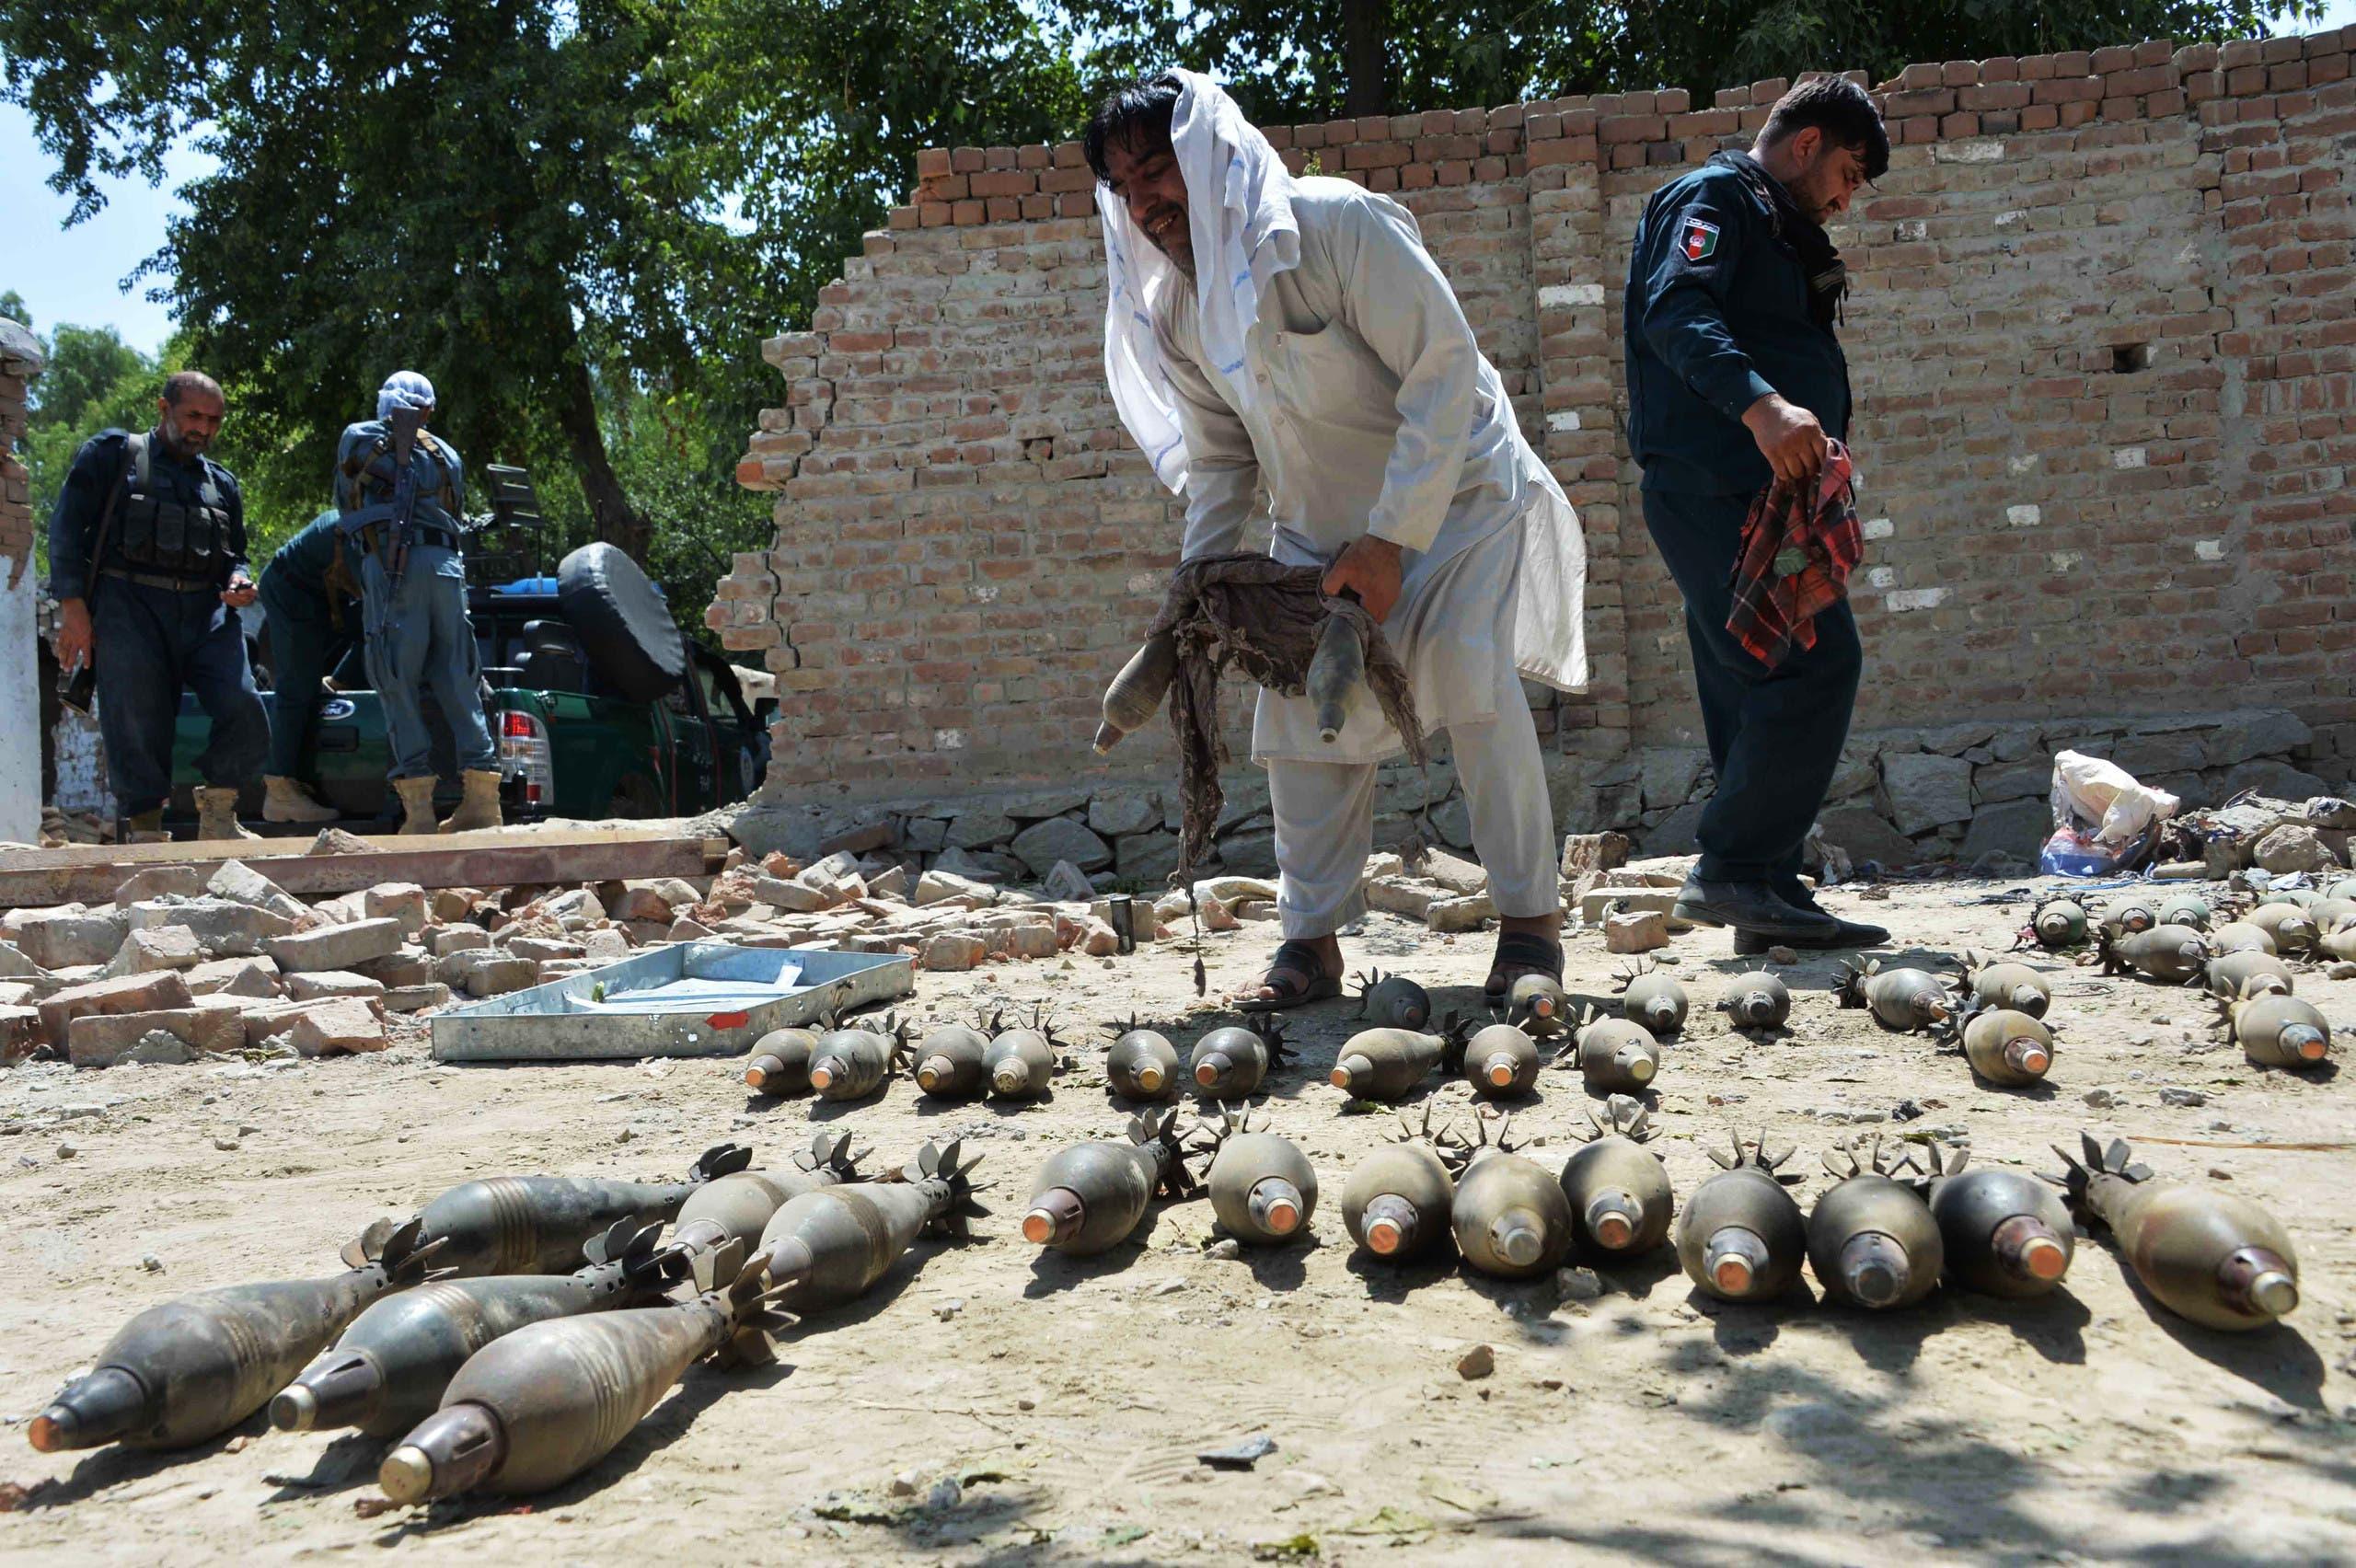 أسلحة لداعش تمت مصادرتها في أفغانستان